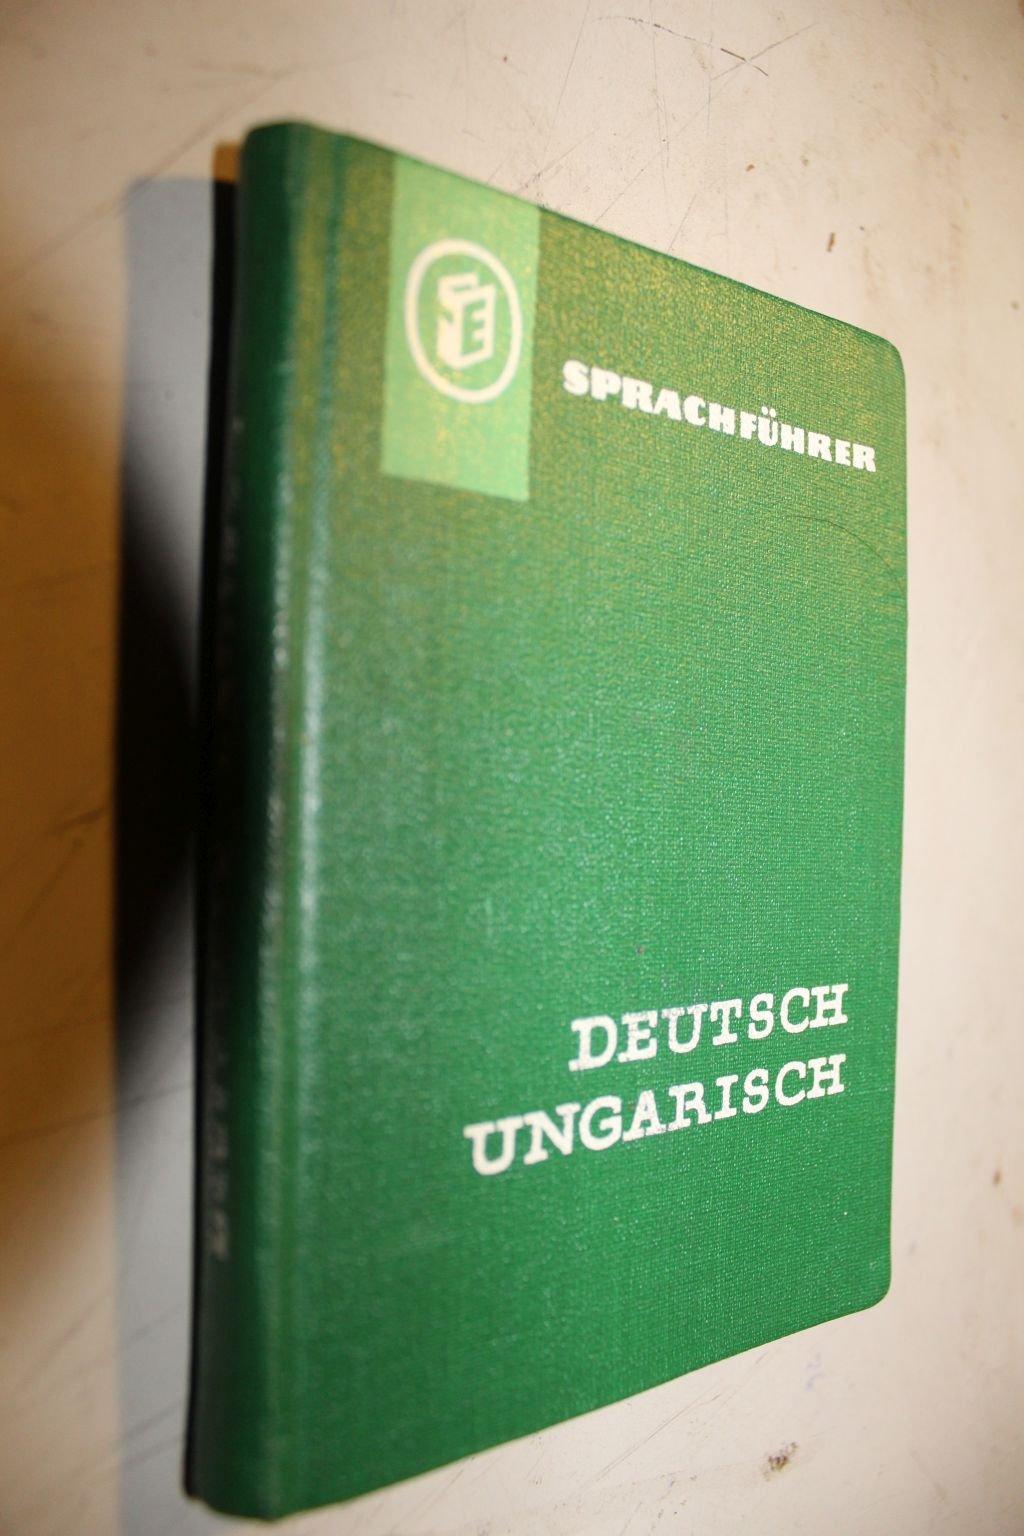 Ungarisch-deutsches Wörterbuch